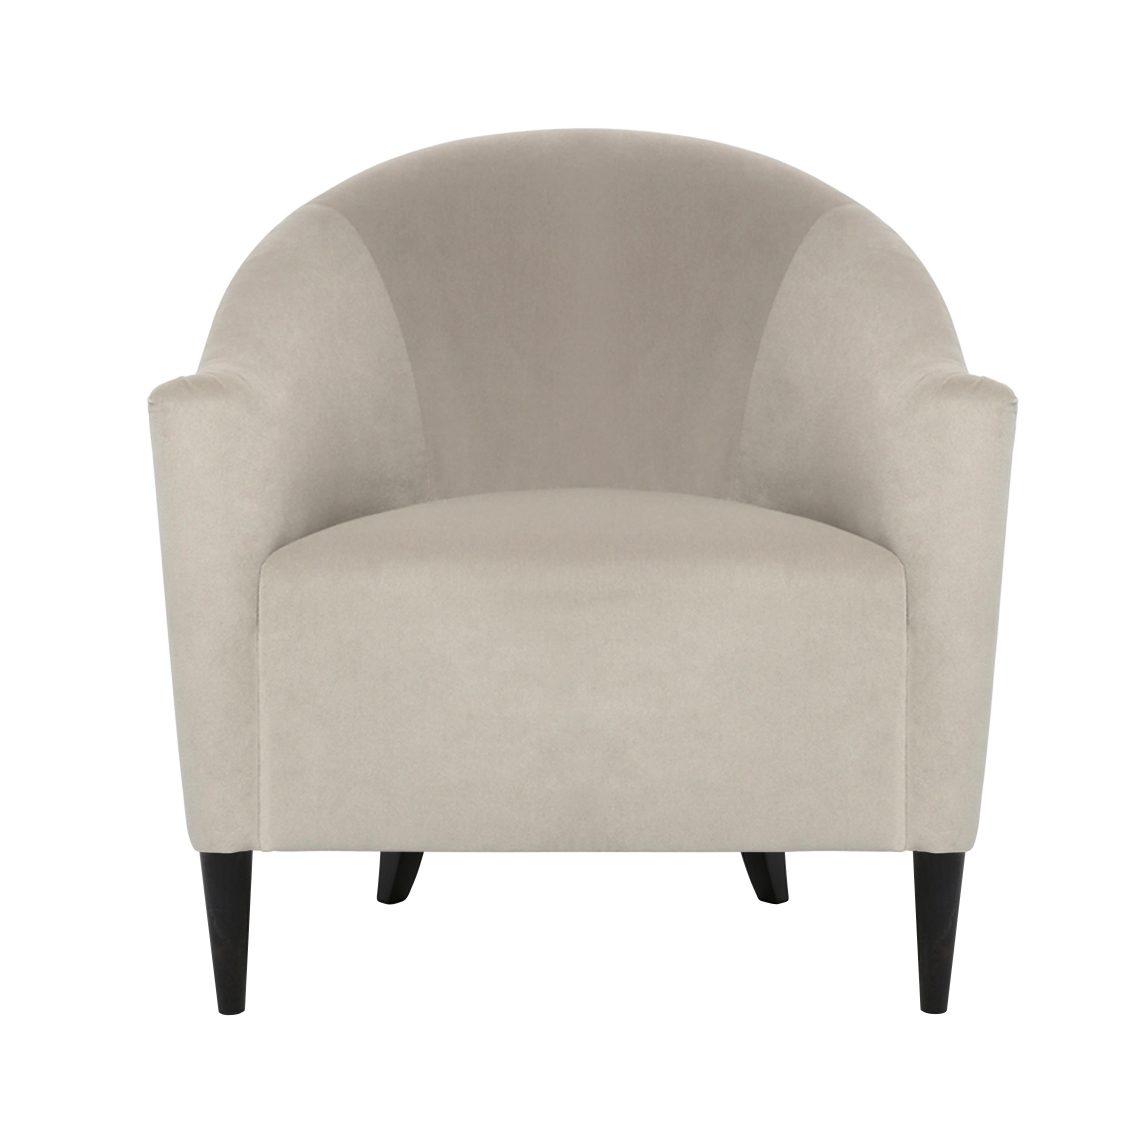 Современное белое бархатное кресло с круглой спинкой, с подлокотниками, дизайнерское кресло из бархата, кресло из бархата велюра, американский дизайн, мебель в стиле ардеко, арт деко, реплика (копия), реплика фабрики sofa chair company (софа чеир компани), купить удобное кресло, кресло для гостиной, будуарное кресло, Красивая дорогая акцентная мягкая мебель для ювелирного магазина бутика, кресло для гардеробной комнаты, кресло для спальни, кресло для прихожей, бархатное кресло, Адам, мягкая мебель российского производства, кресло на ножках, каминное кресло, лавсит. Кресло гондола. редкое, вычурное, люкс, лакшери, на заказ